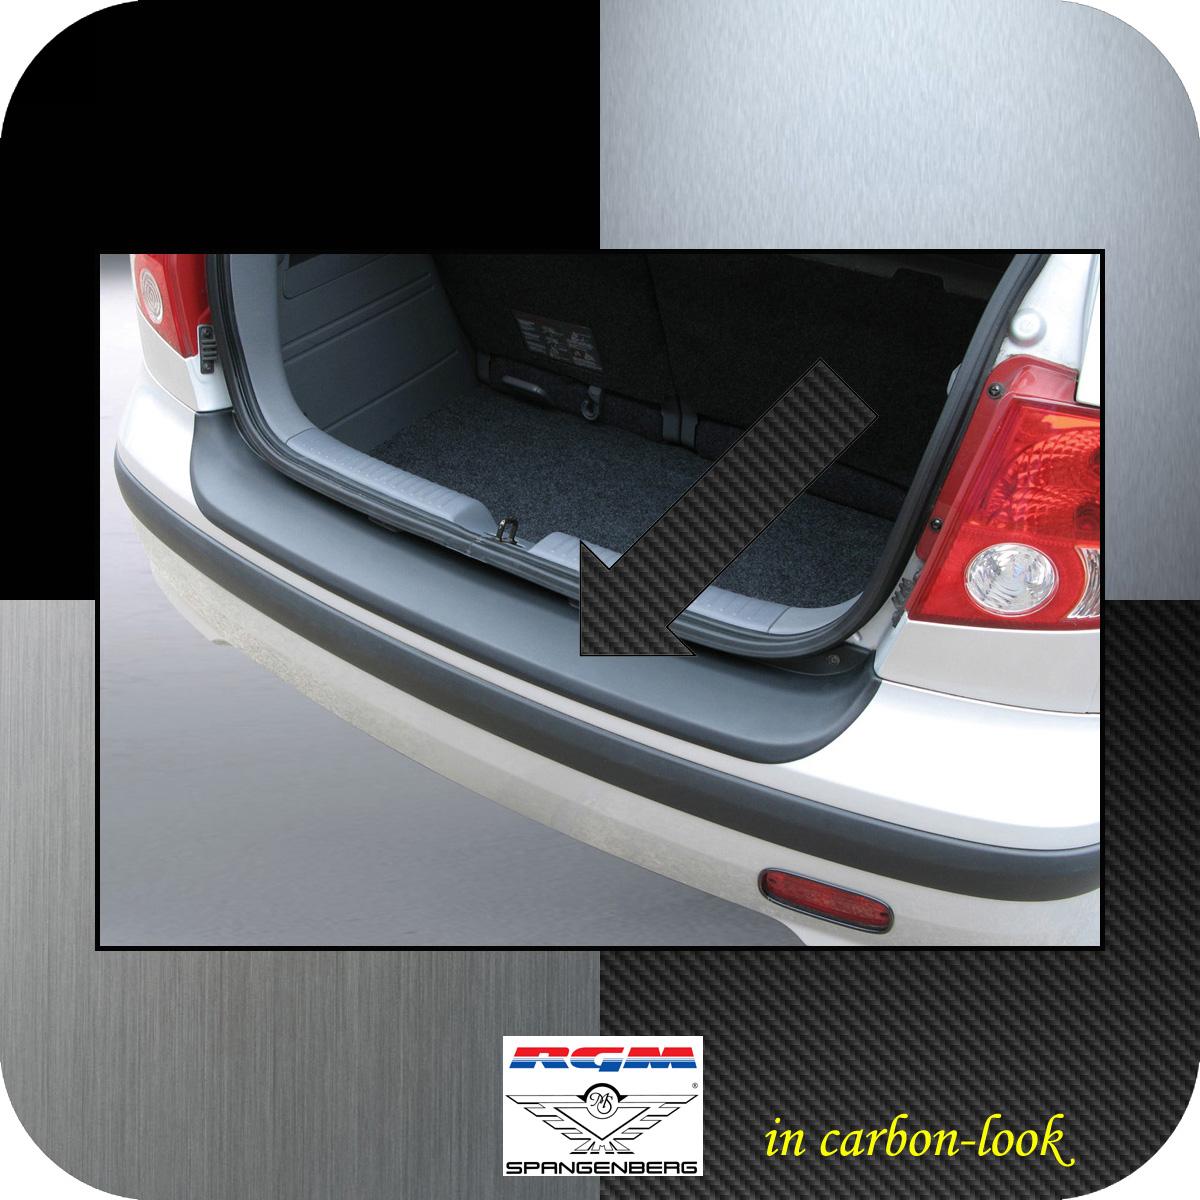 Ladekantenschutz Carbon-Look Hyundai Getz Schrägheck vor Mopf 2002-05 3509211